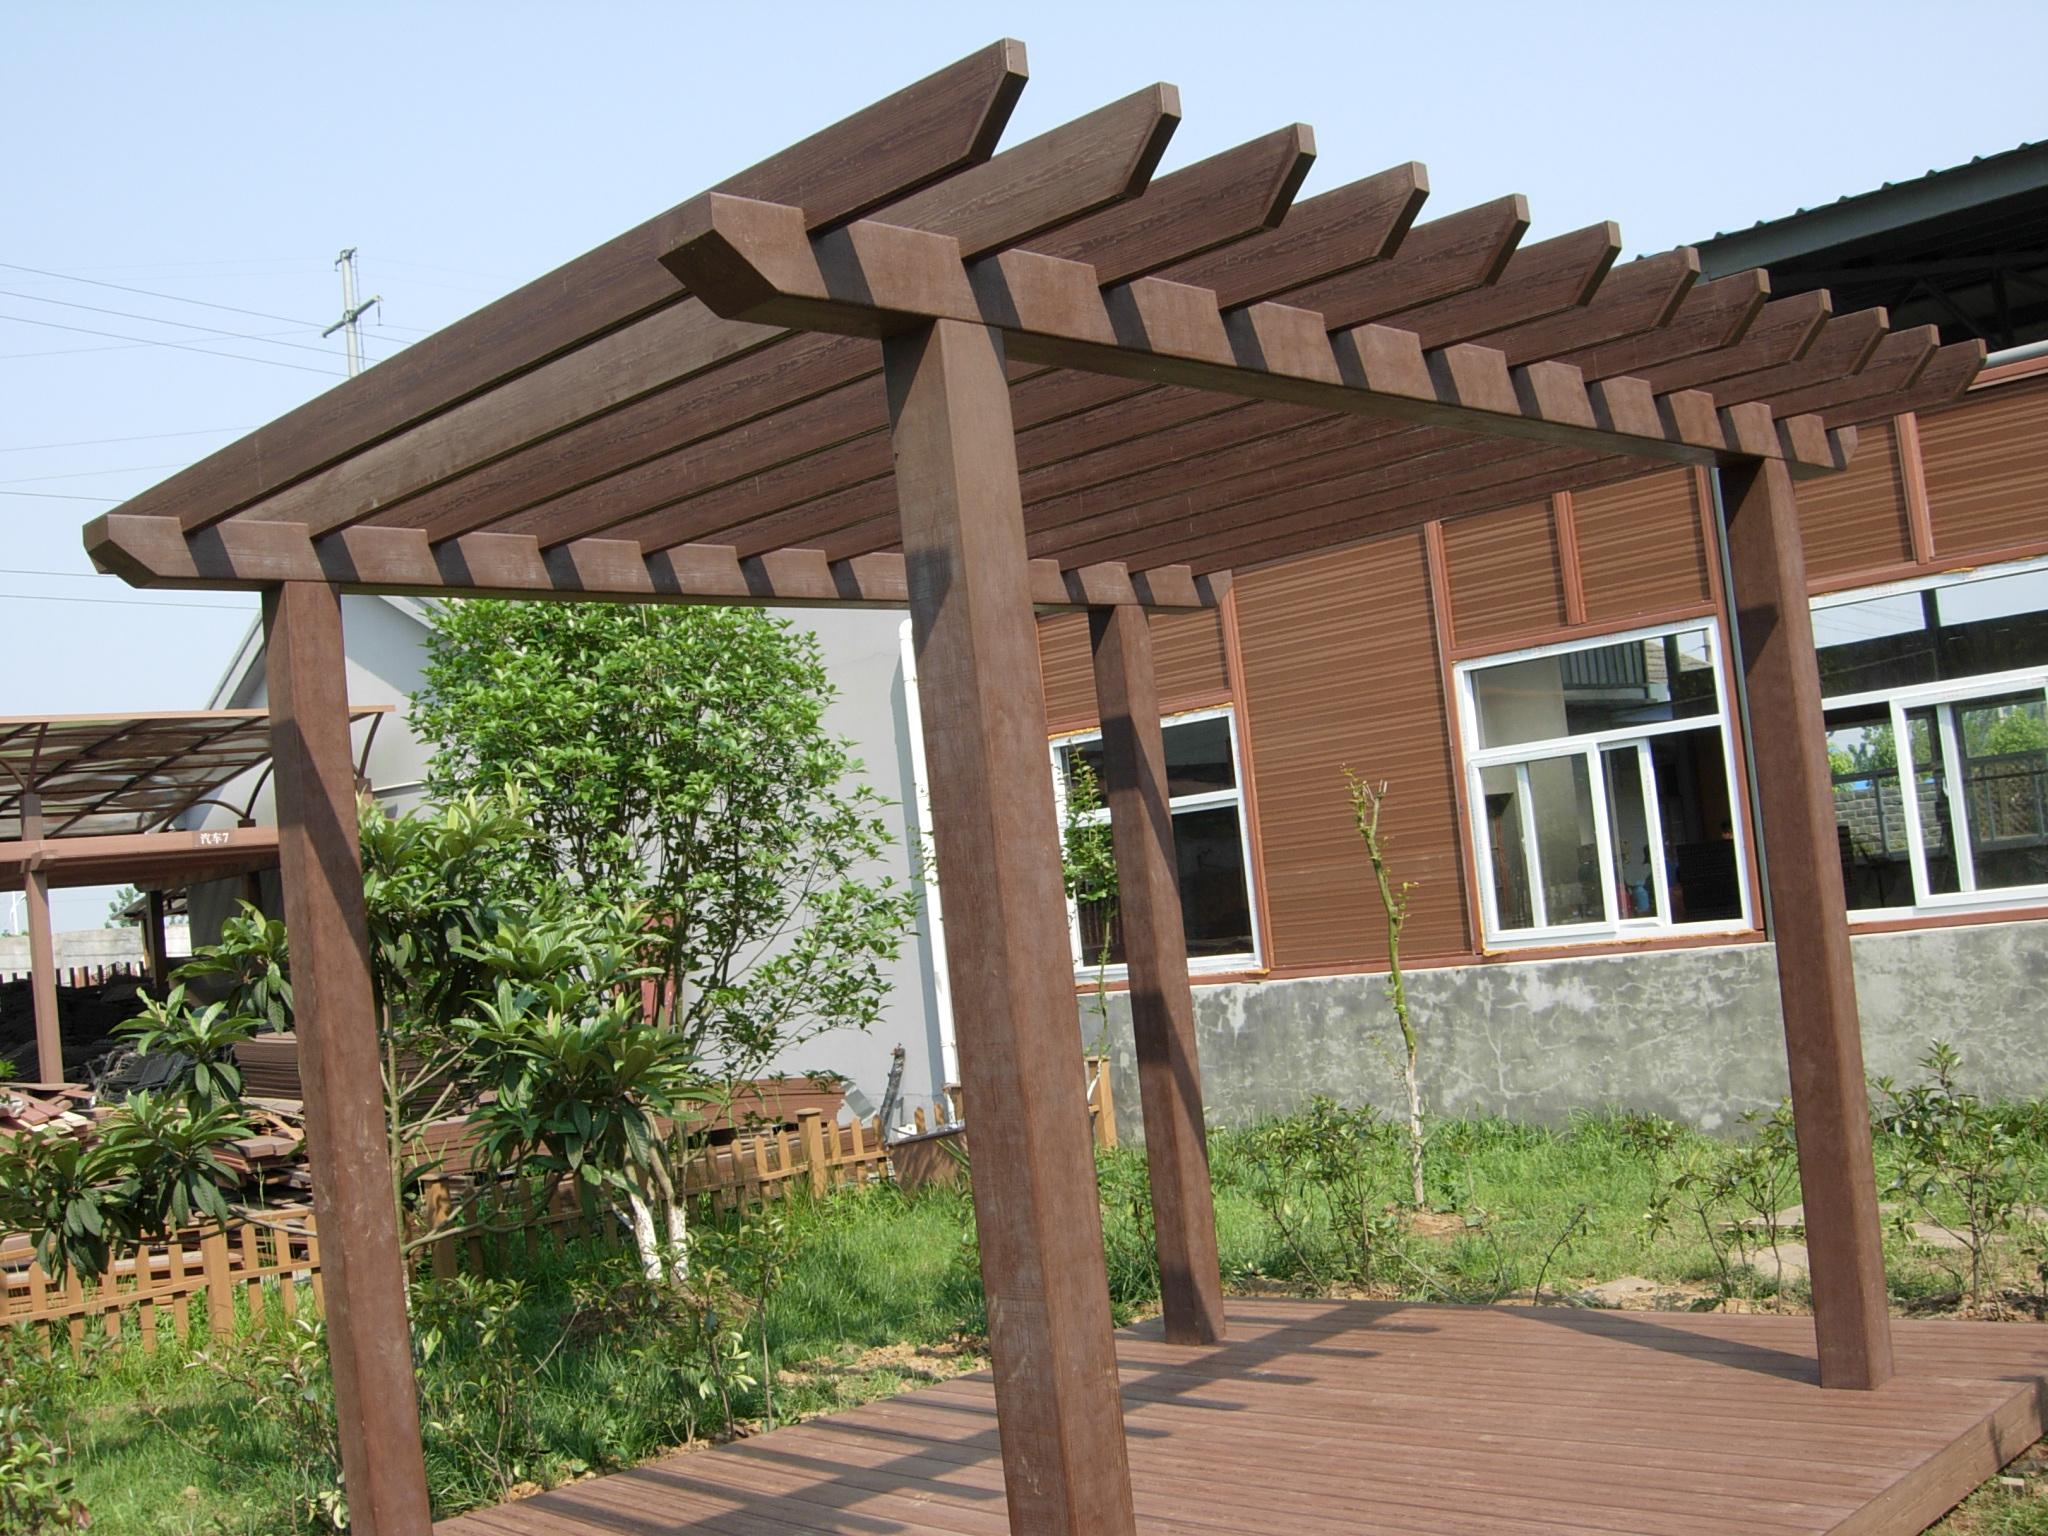 塑木系列,塑木系列,塑木厂家,塑木设计 塑木系列,塑木系列,塑木厂家,塑木设计 塑木系列,塑木系列,塑木厂家,塑木设计 福州治平园林景观工程有限公司,是一家专业经营别墅庭院规划园林景观改造;厂房园林绿化规划改造及防腐木木结构景观工程。成立于2008年注册于2013;专业批发?